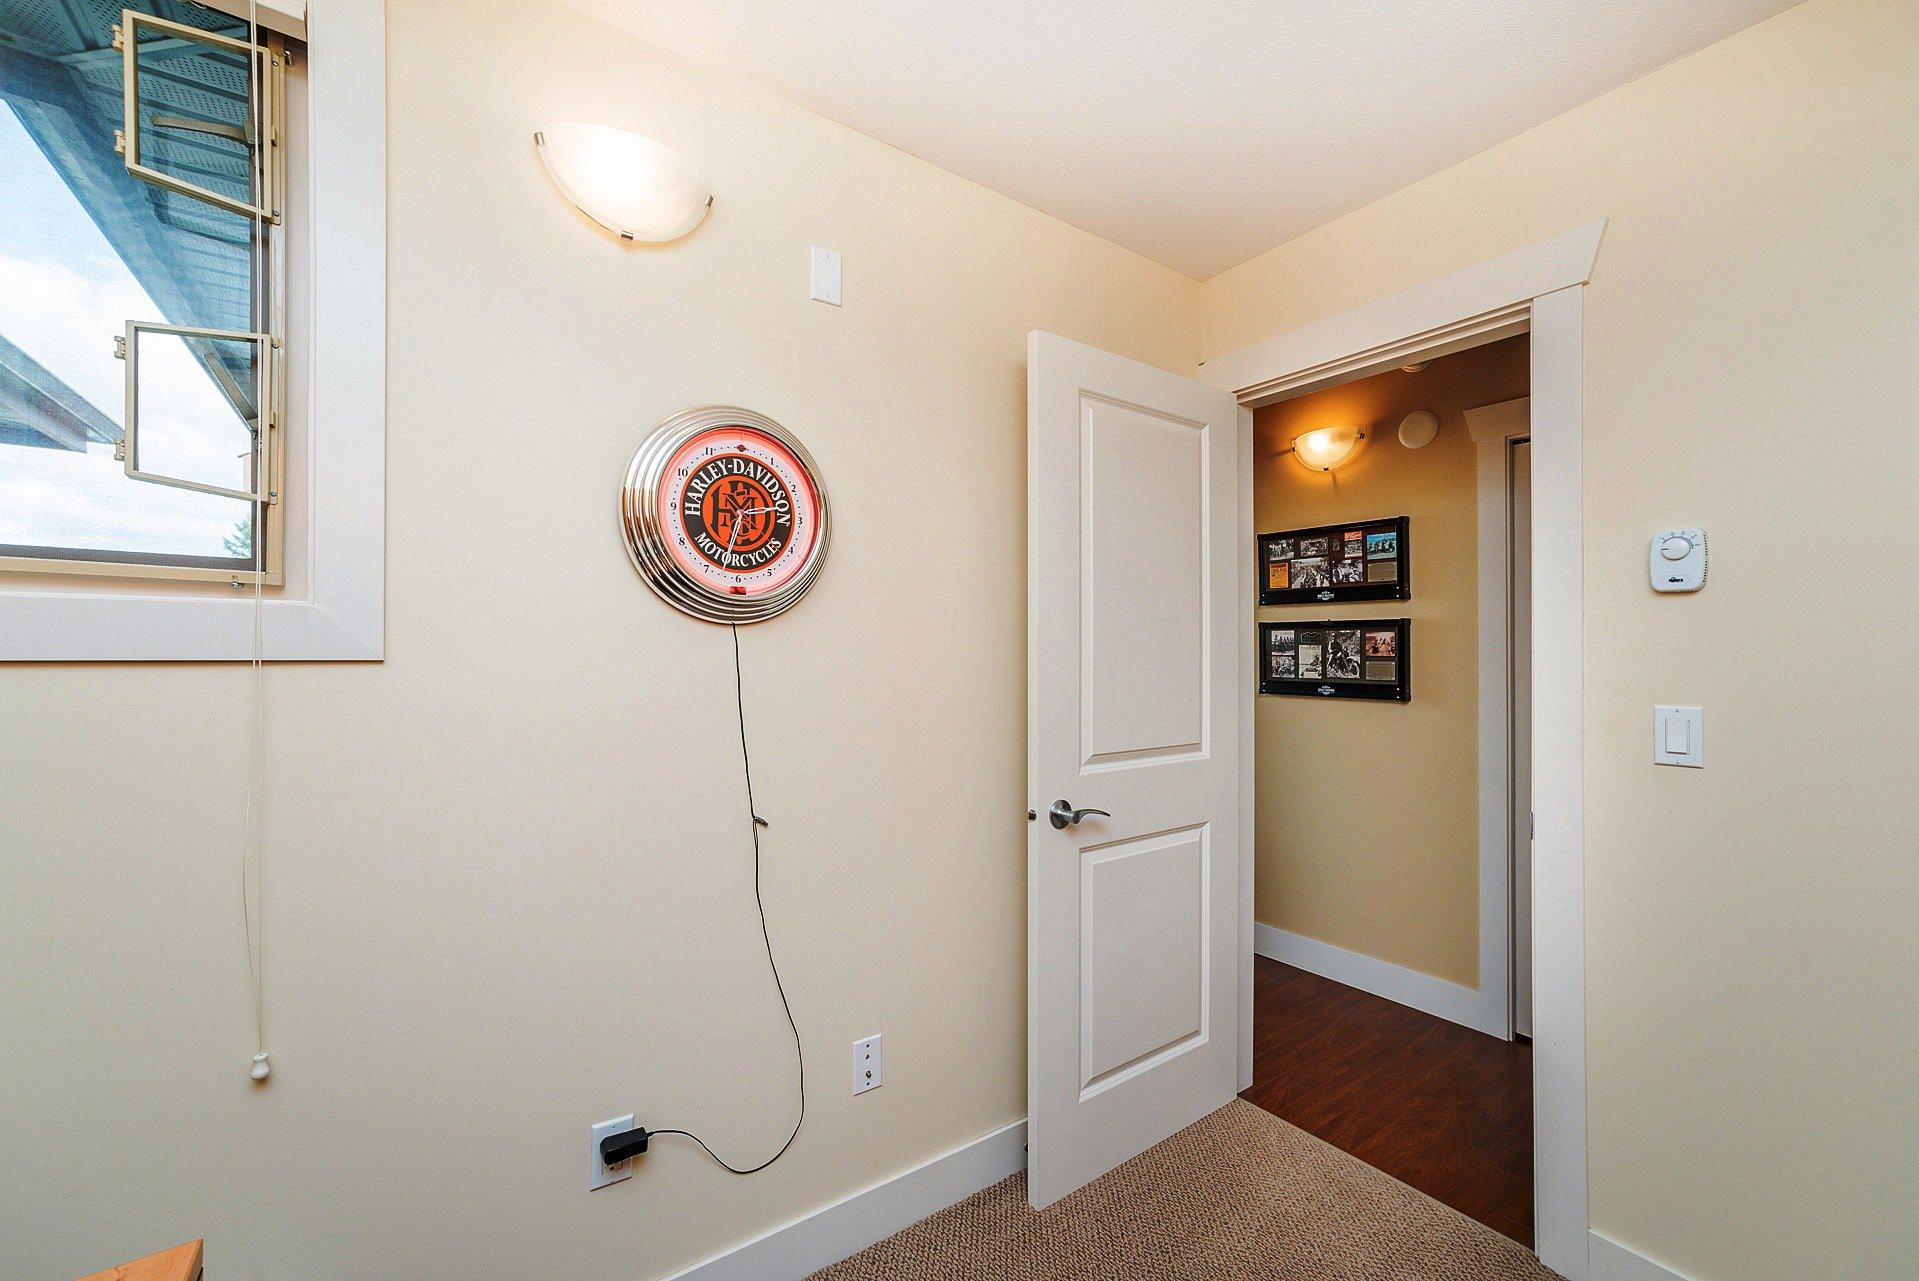 """Photo 19: Photos: 408 15368 17A Avenue in Surrey: King George Corridor Condo for sale in """"OCEAN WYNDE"""" (South Surrey White Rock)  : MLS®# R2249492"""